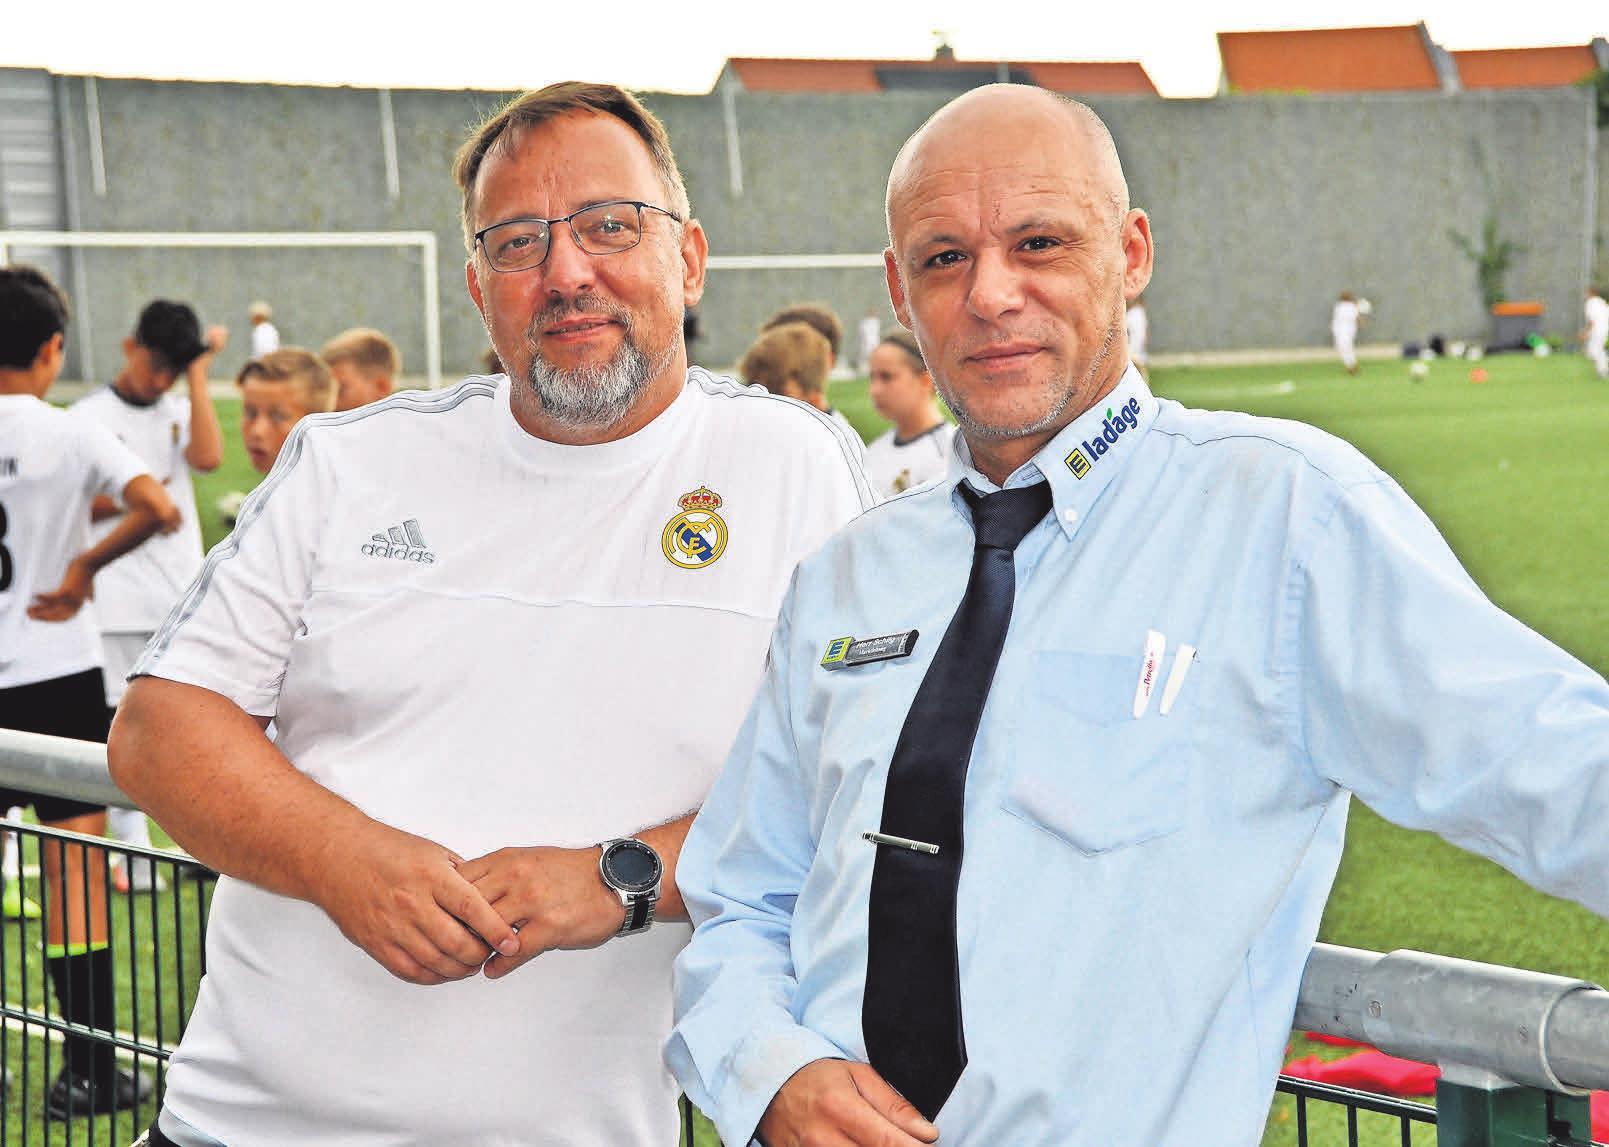 Jugendwart Stephan Fromm (links) und EDEKA-Ladage-Marktleiter Mirco Schilg freuen sich über den guten Abschluss der Fußballtage mit Real Madrid.